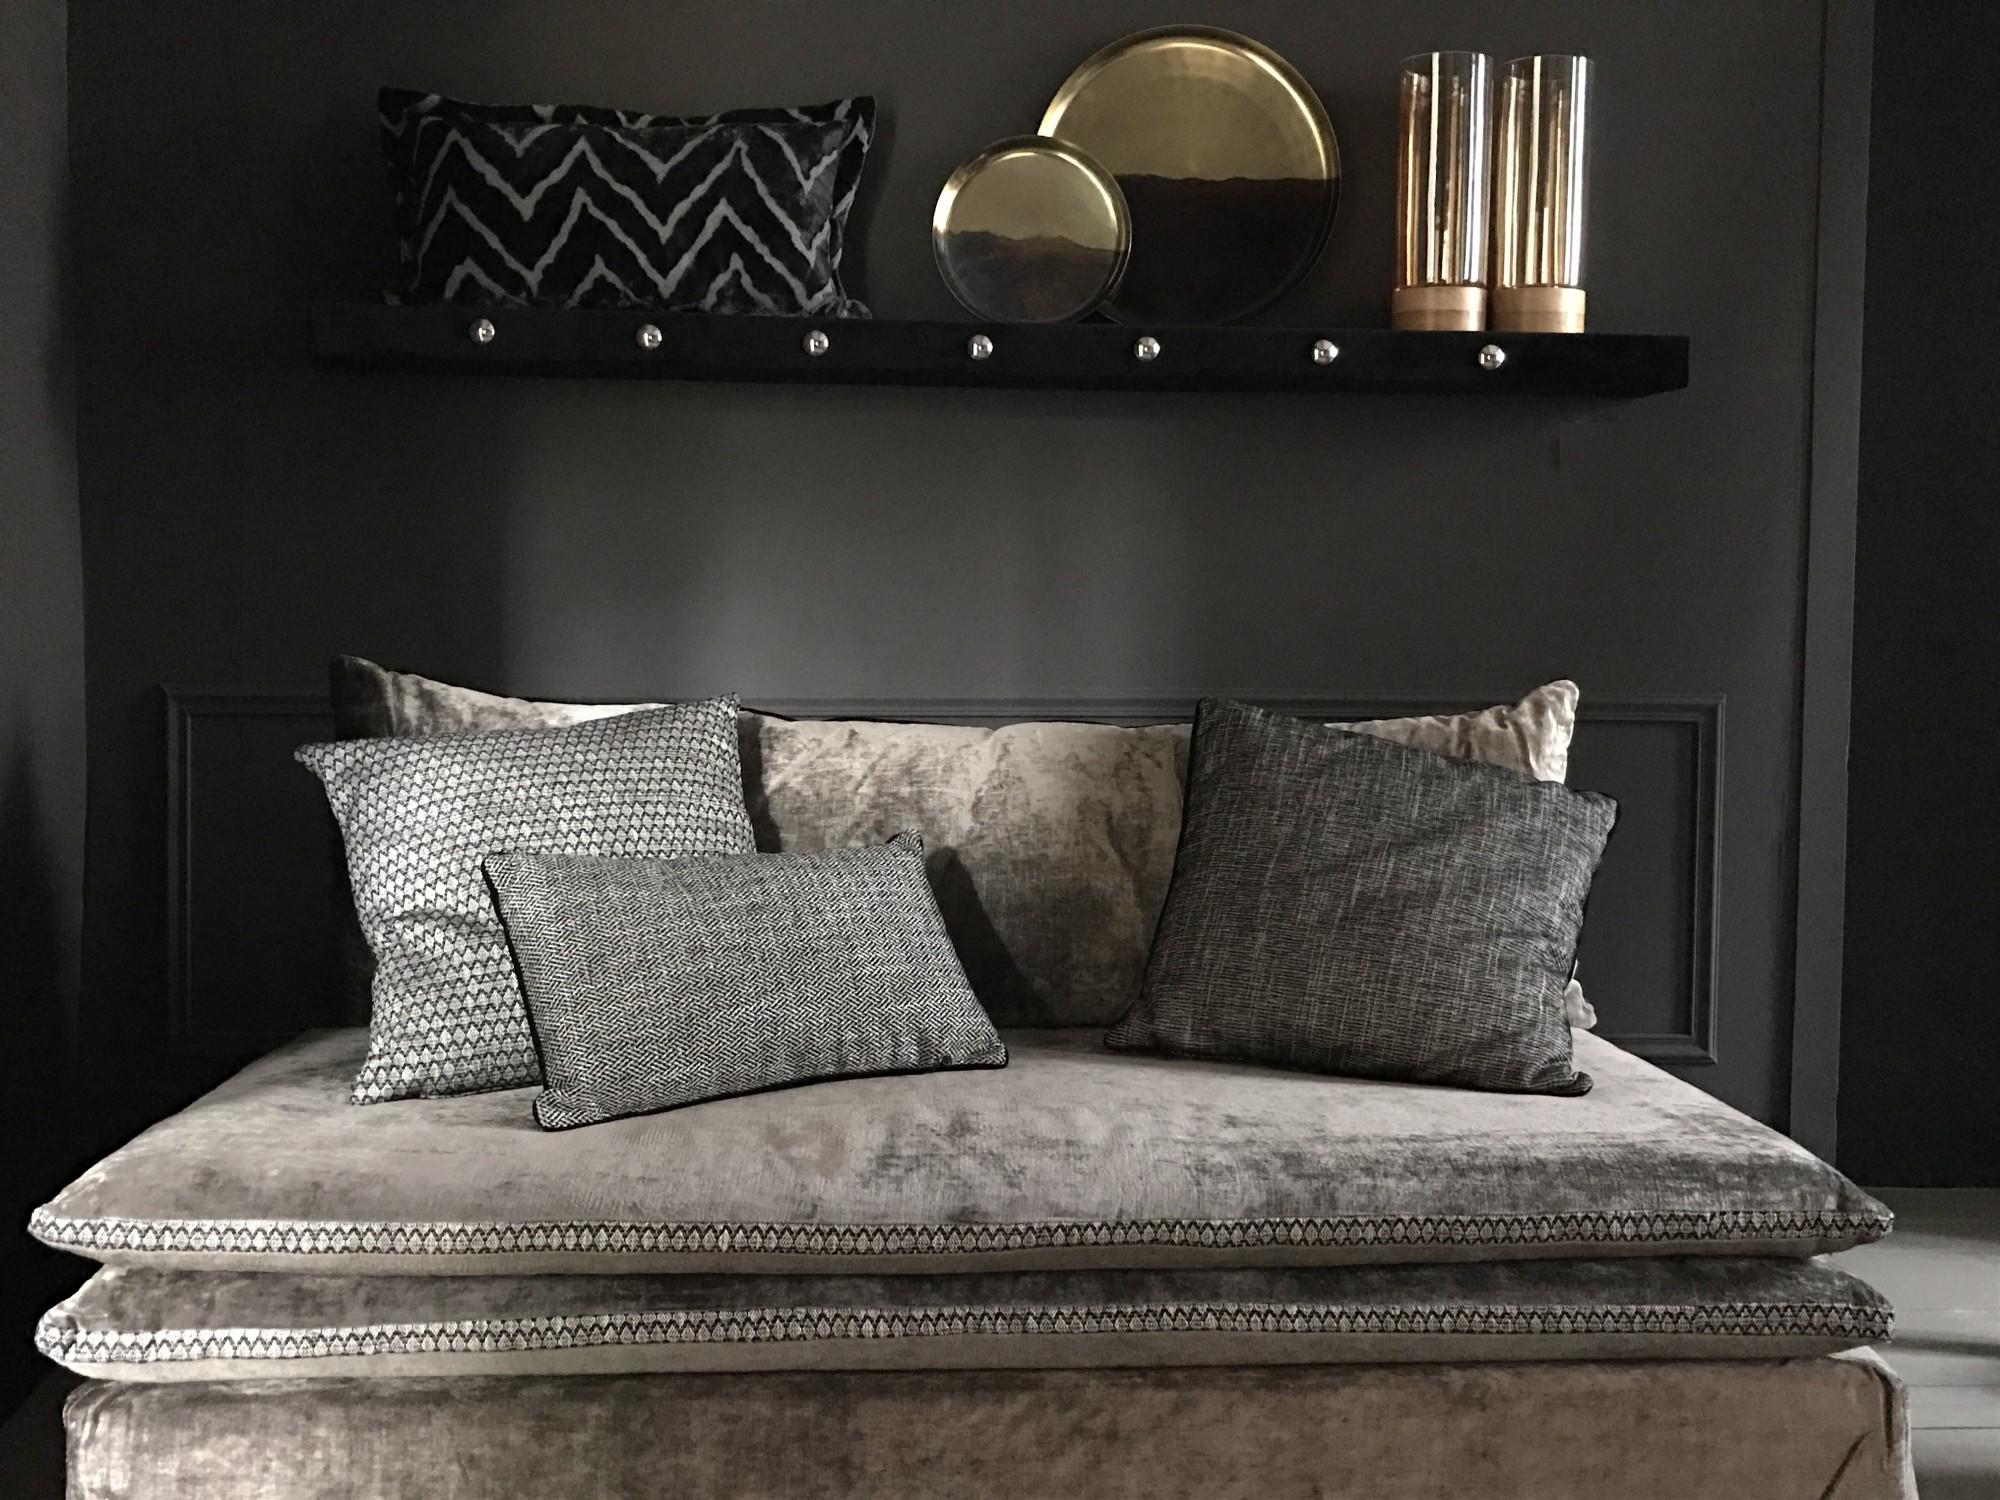 canapé sur mesure en velours lavé gris taupe Avignon